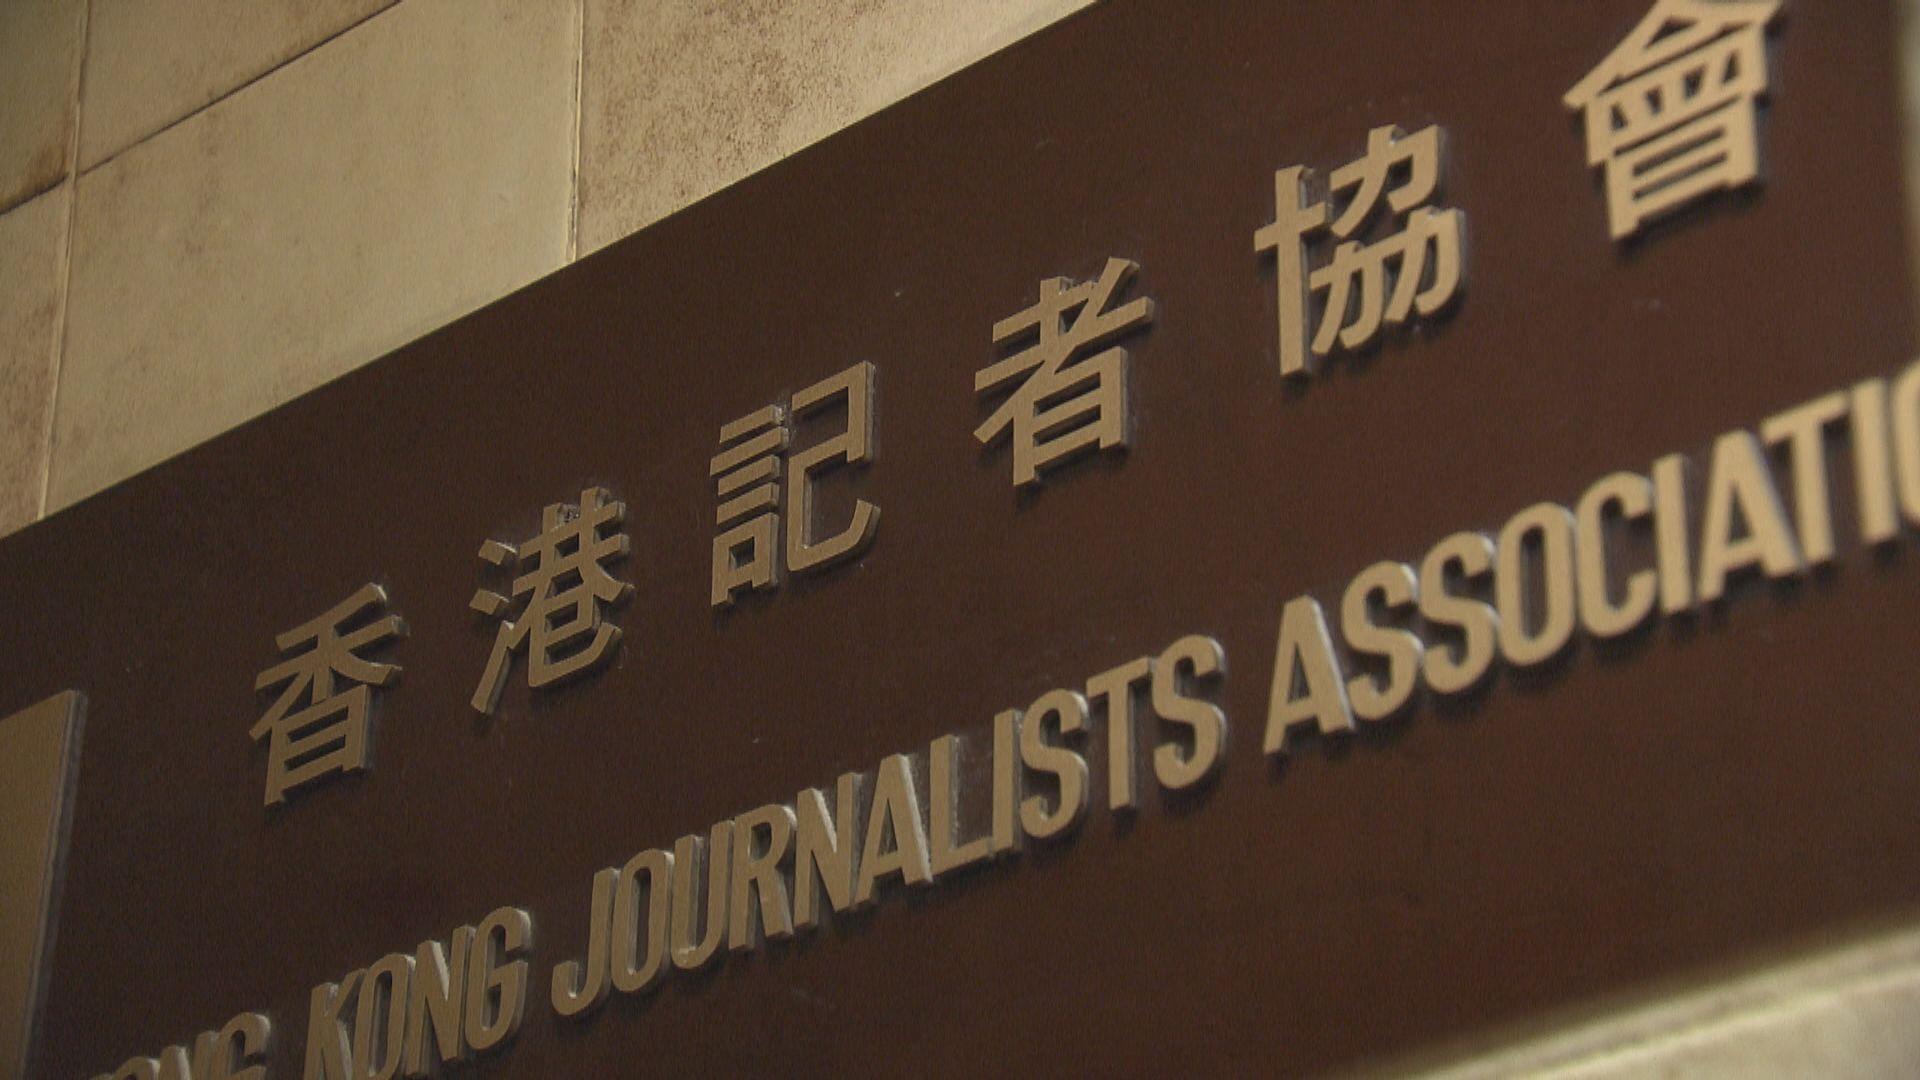 記協籲傳媒經營者盡可能避免裁員或減薪